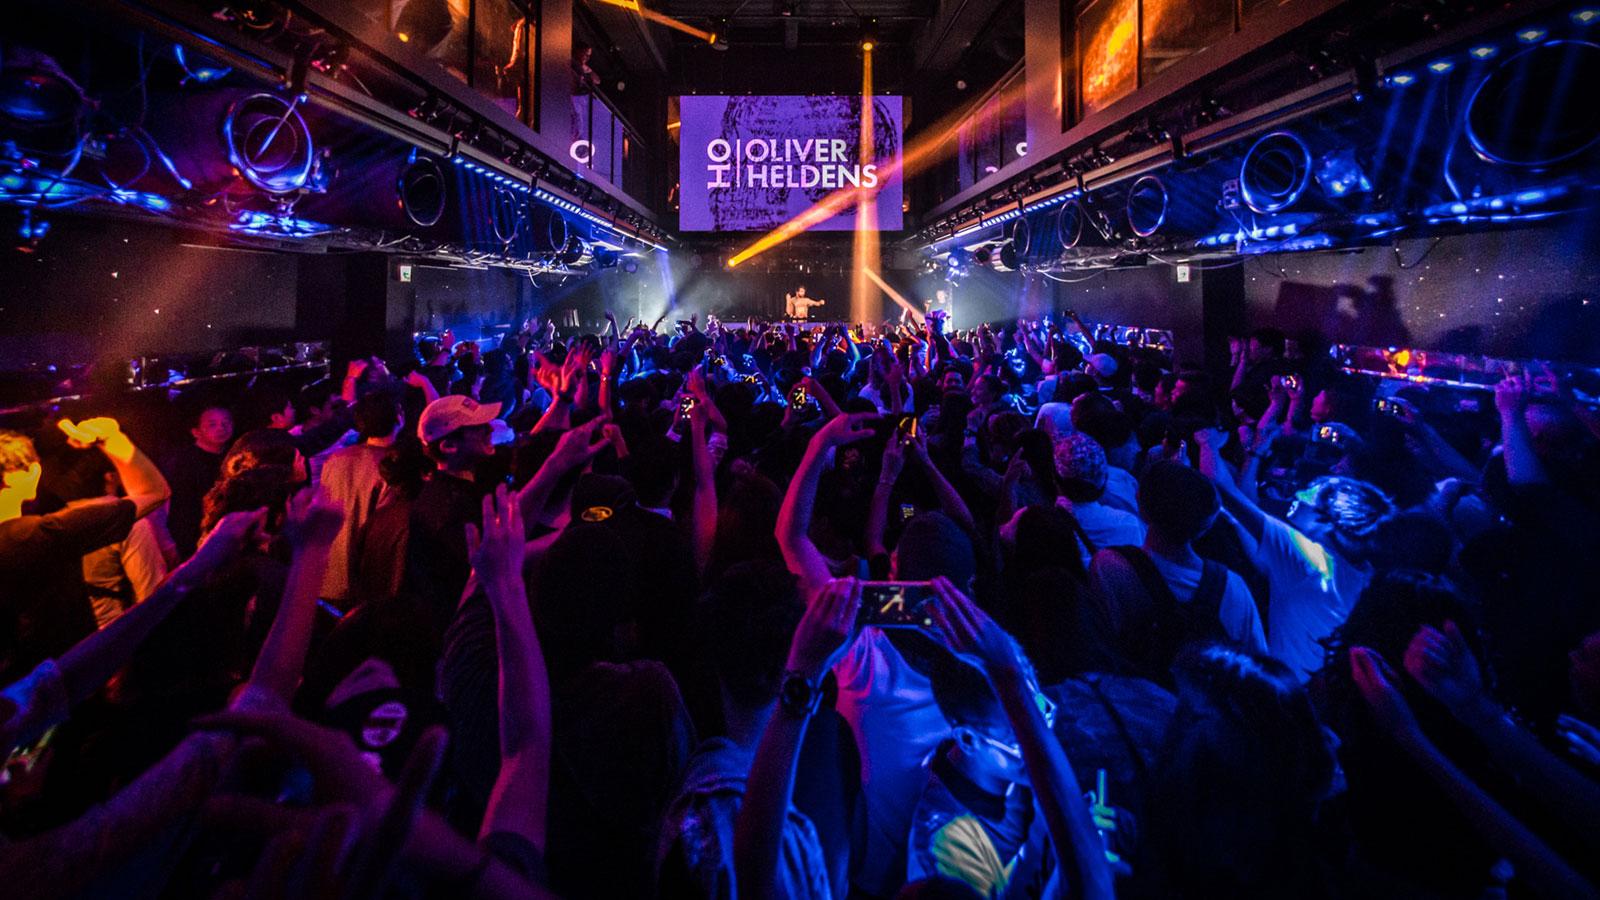 クラブ、DJイベントやバンドのライブももちろん開催!